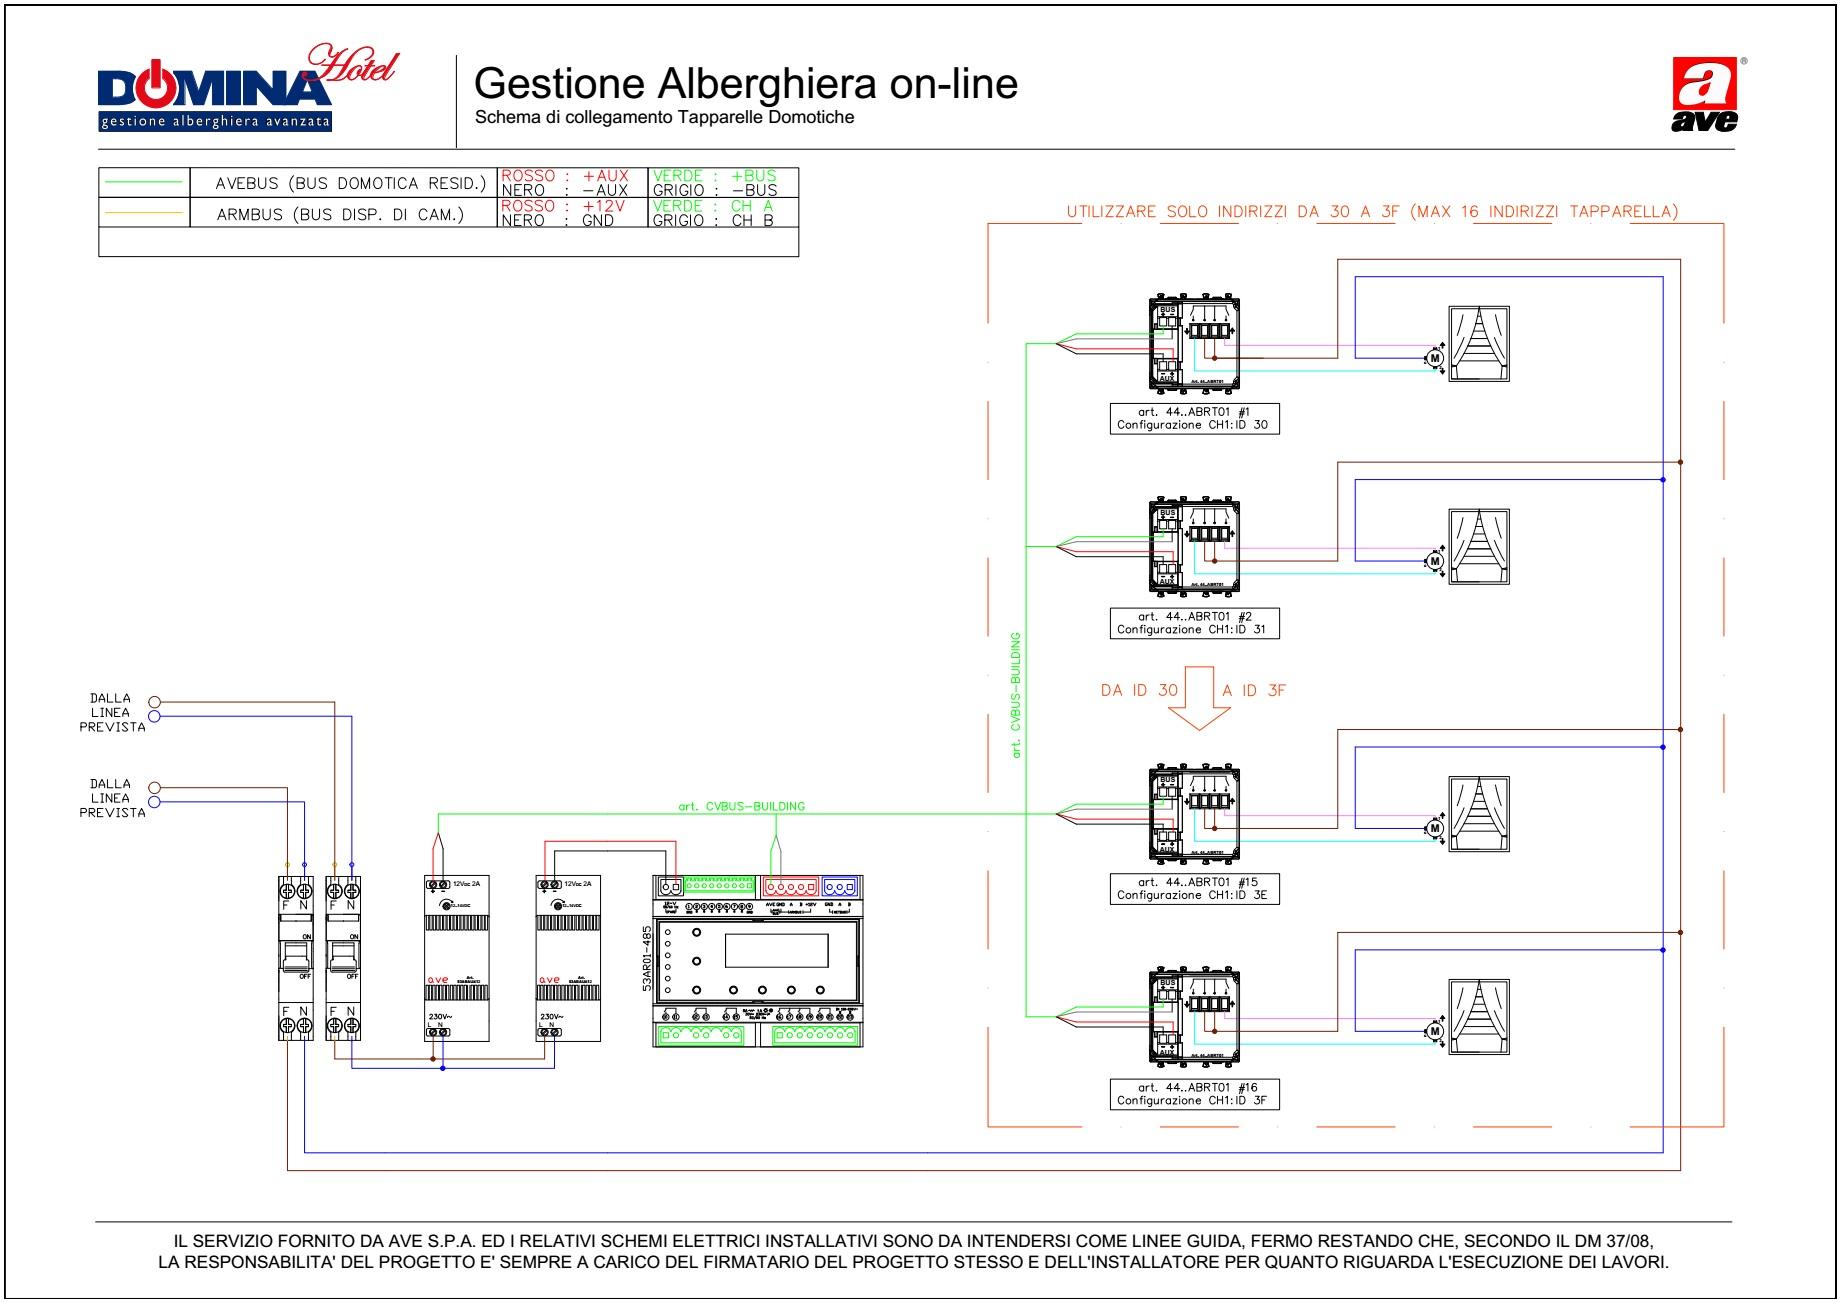 Gestione Alberghiera on-line - schema di collegamento tapparelle domotiche